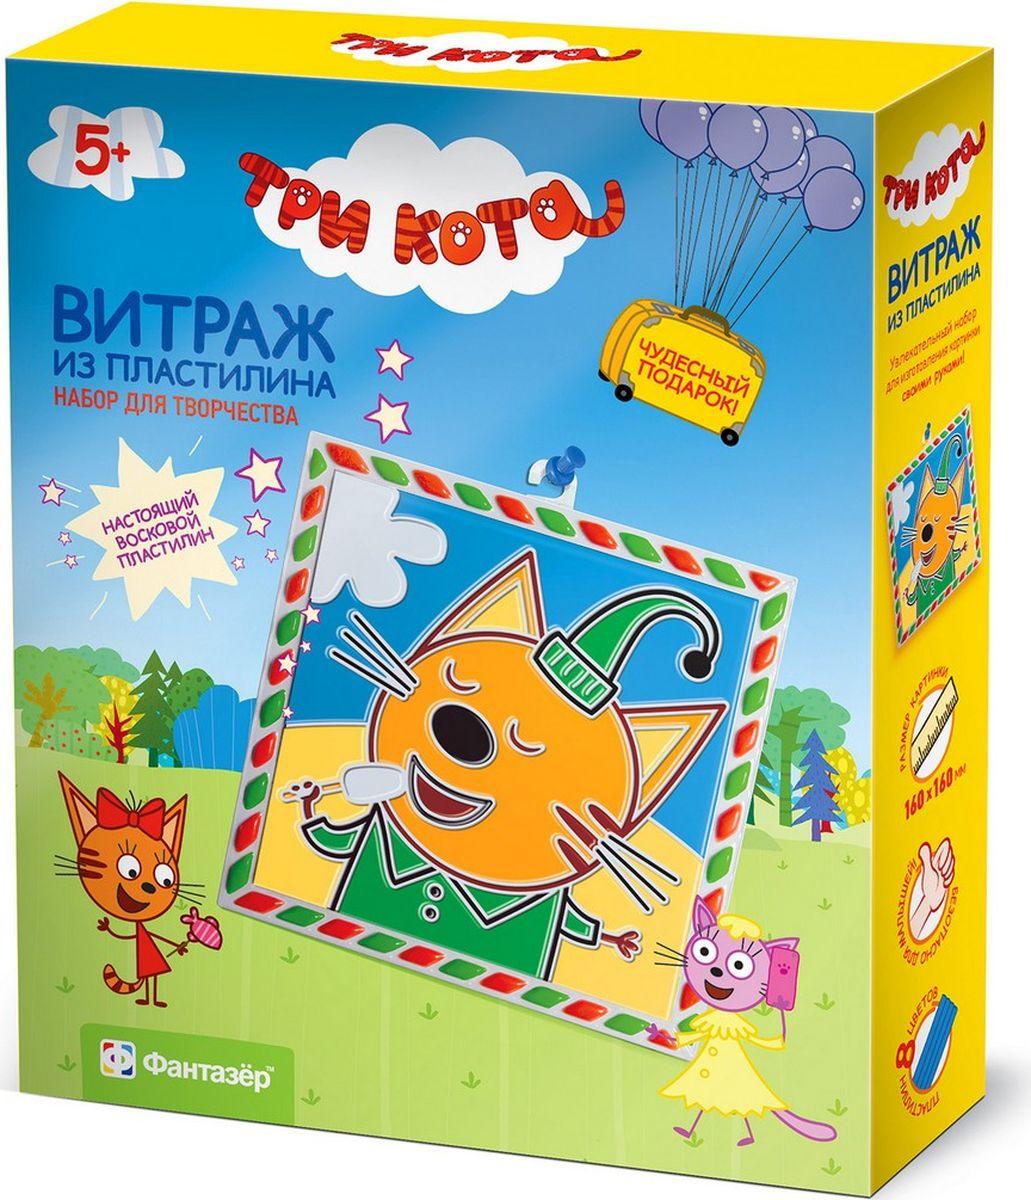 Фантазер Витражный пластилин Три кота Компот405112Создание витража из пластилина нравятся и детям, и взрослым, которые им помогают. Это не только увлекательно, но и полезно. В набор входит: пластиковая форма, комплект пластилина из 8 цветов, инструкция, пластиковый крючок, двухсторонний скотч.